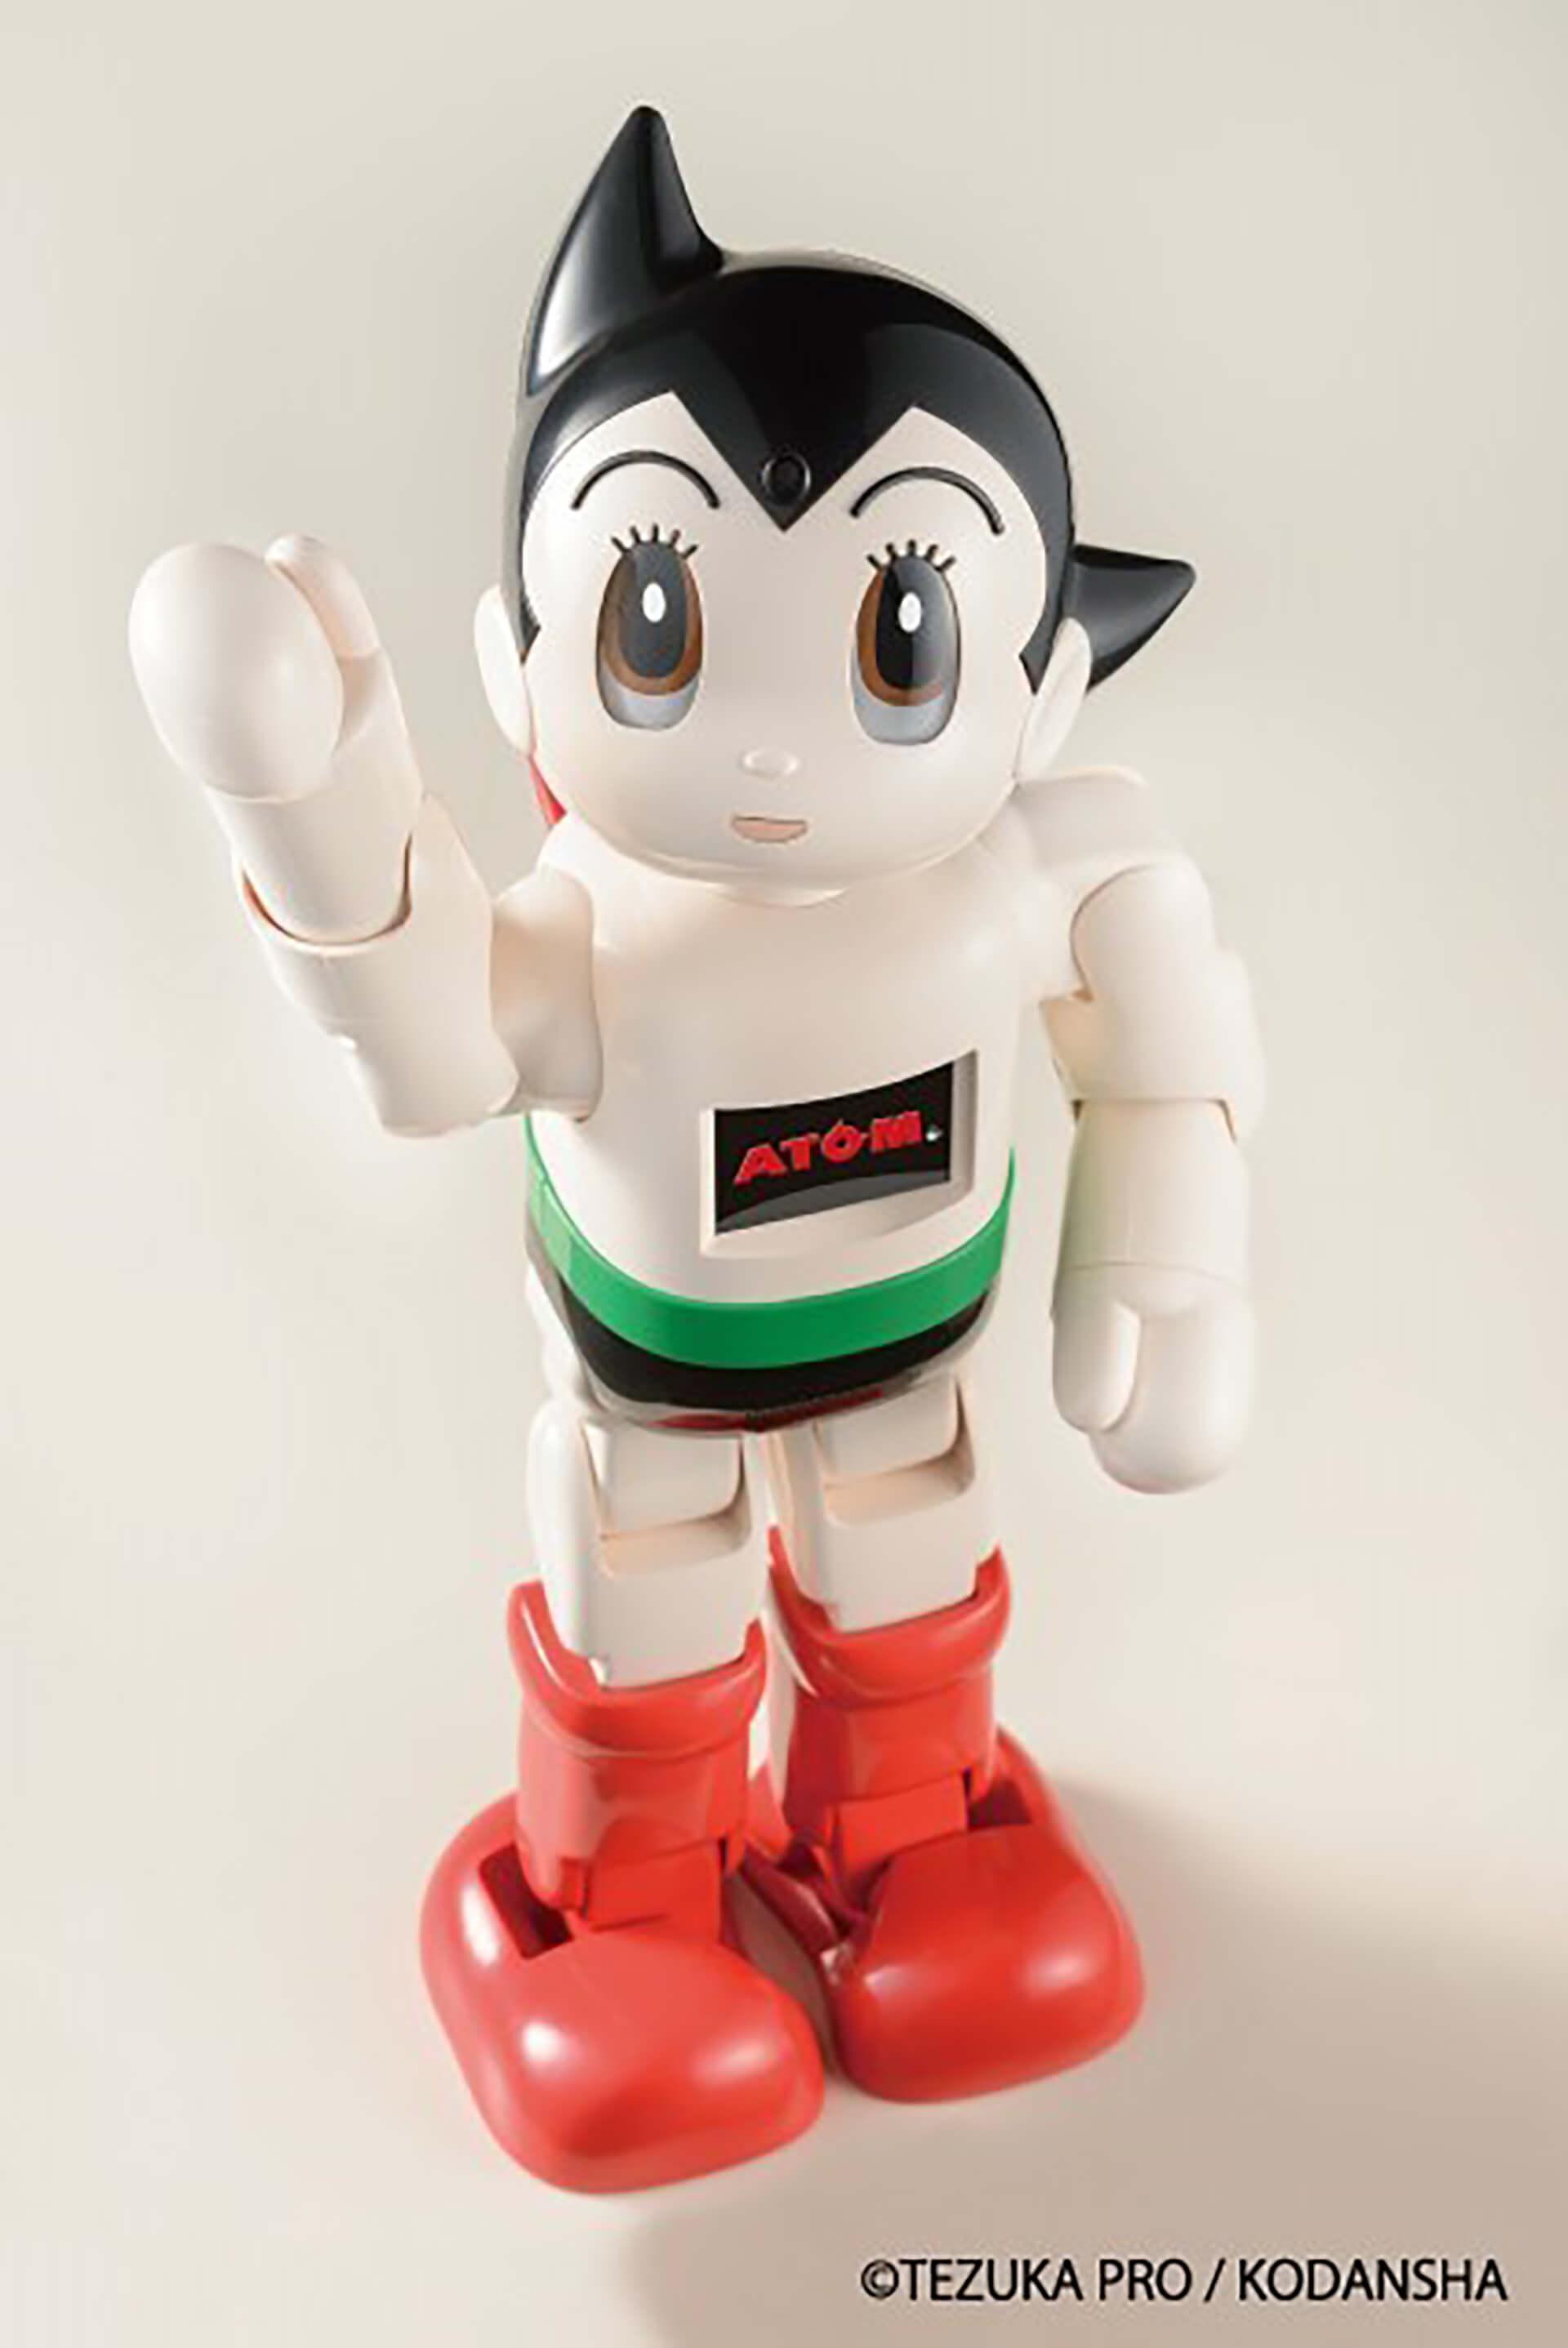 この写真はアトム堂本舗で販売される講談社開発のAIアトムロボです